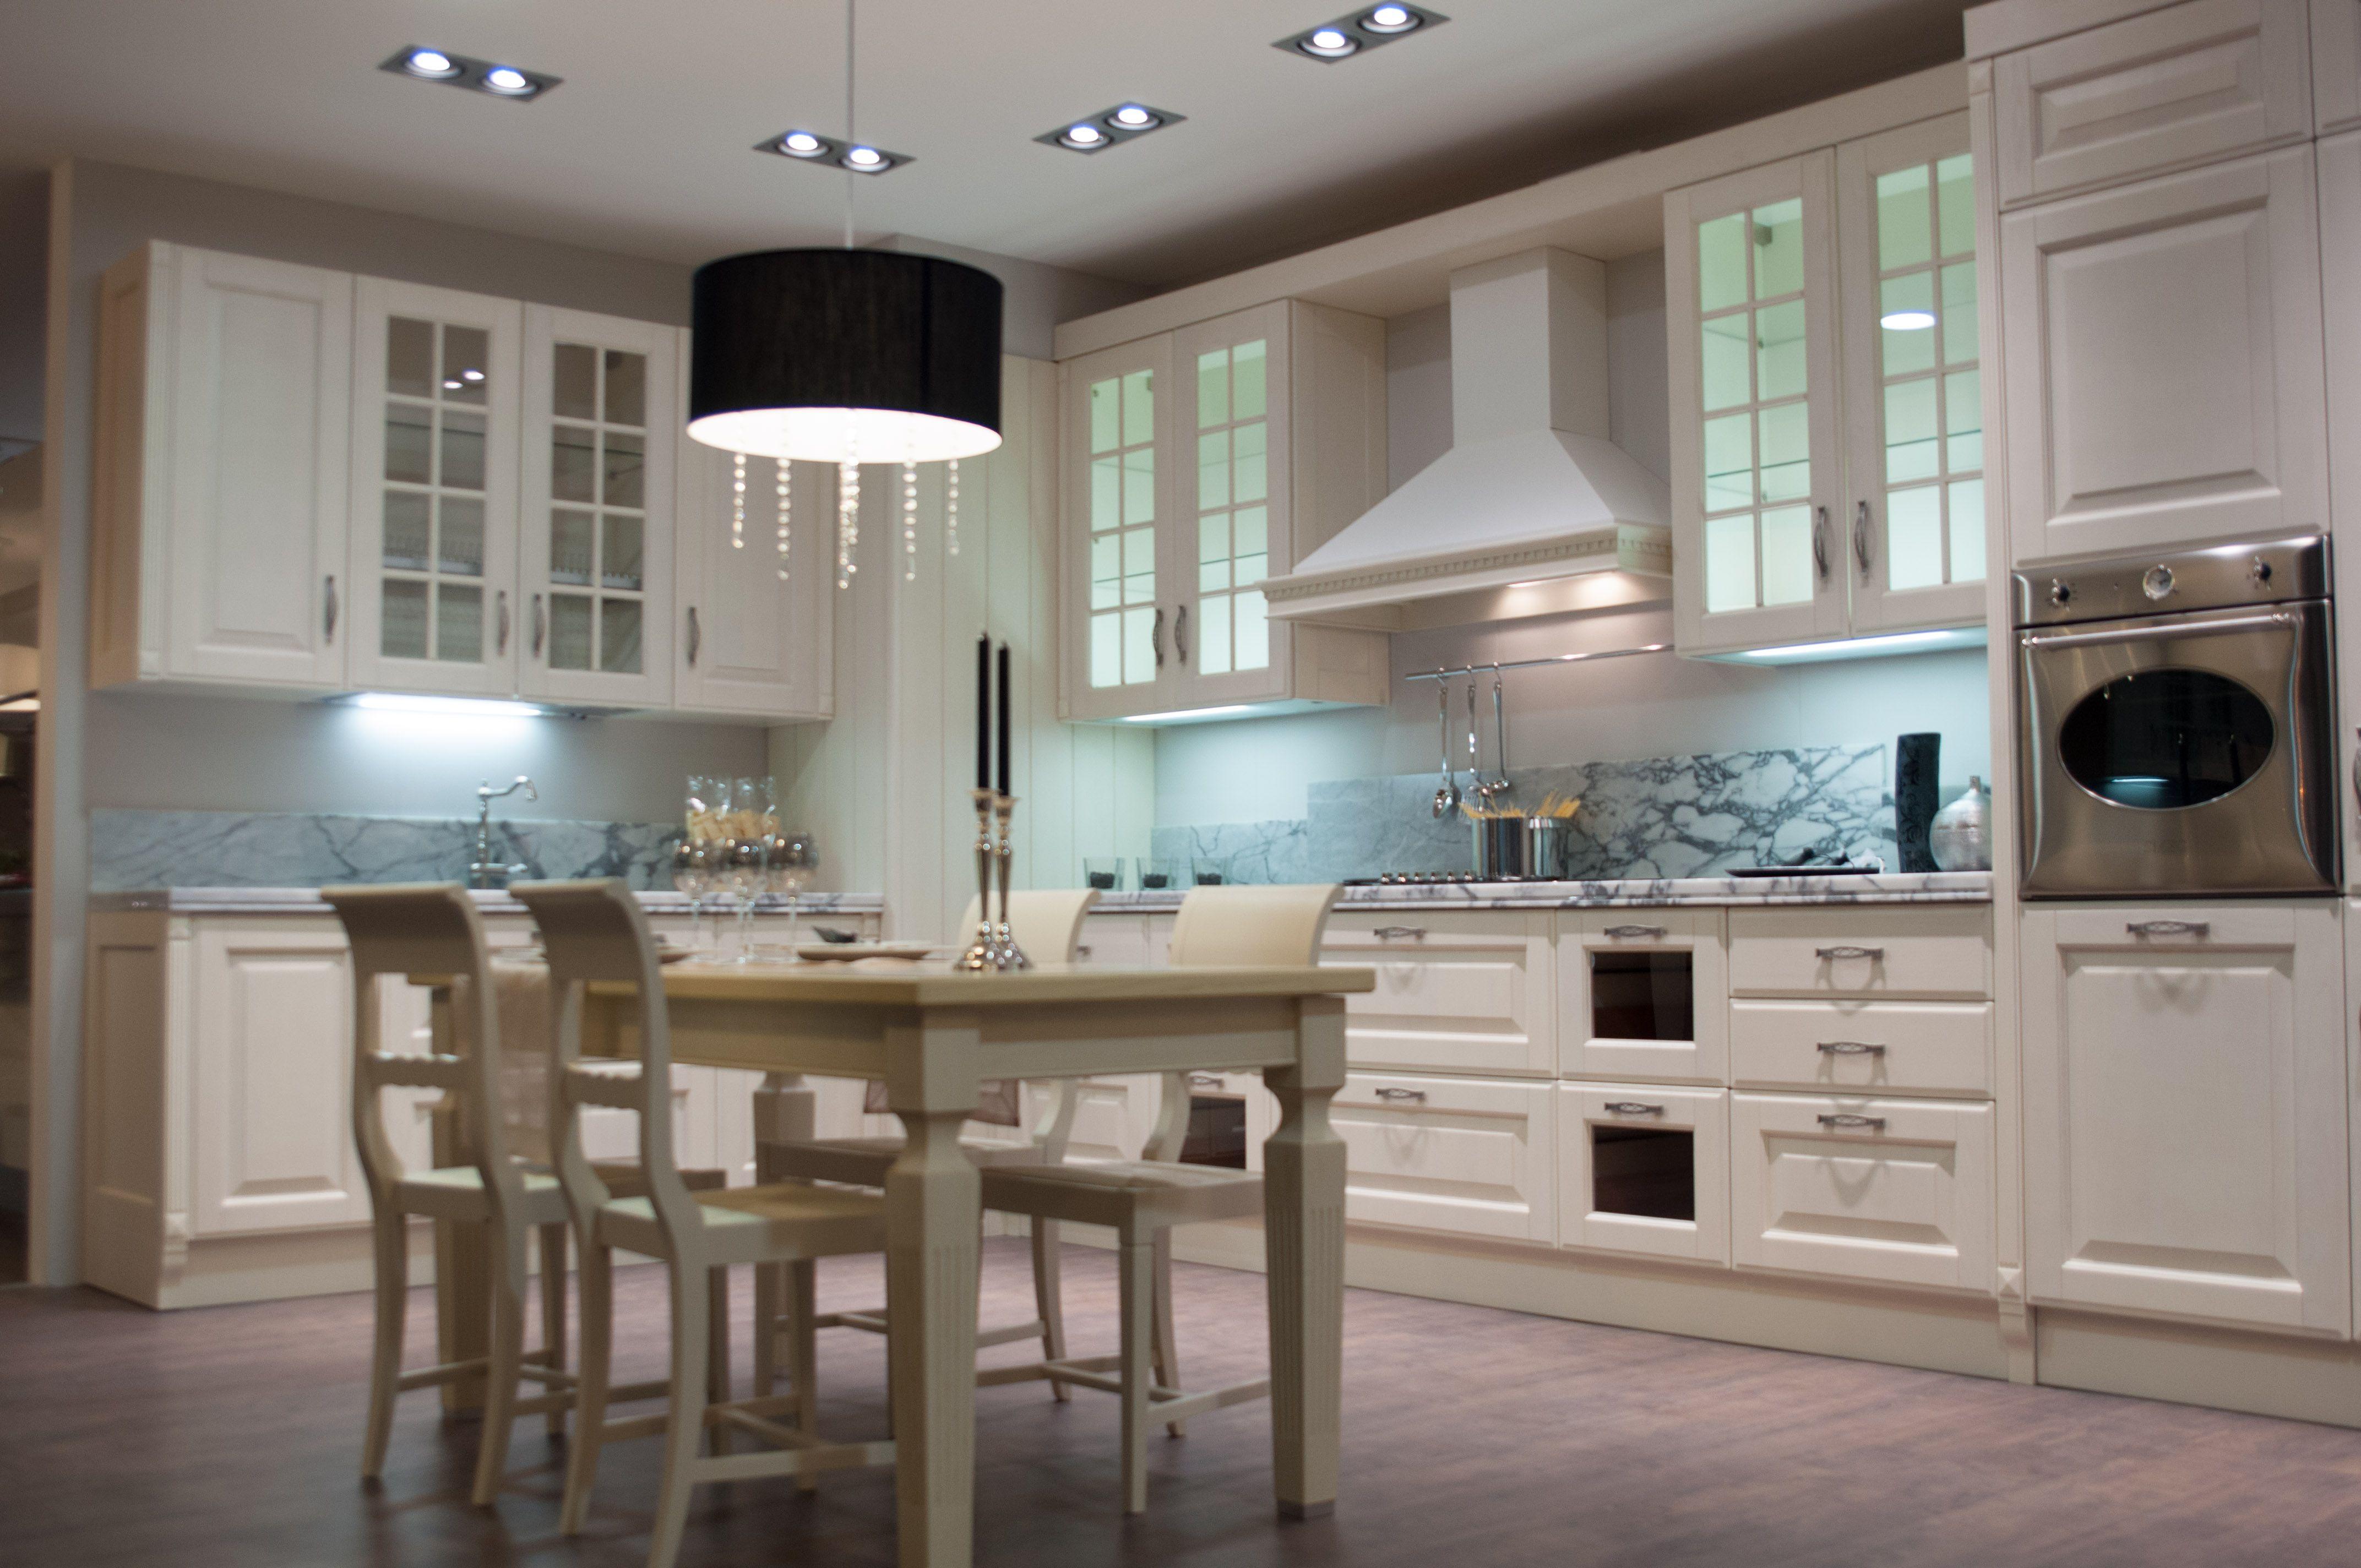 Cucine Classiche Scavolini Store Chieti Cucine Deco